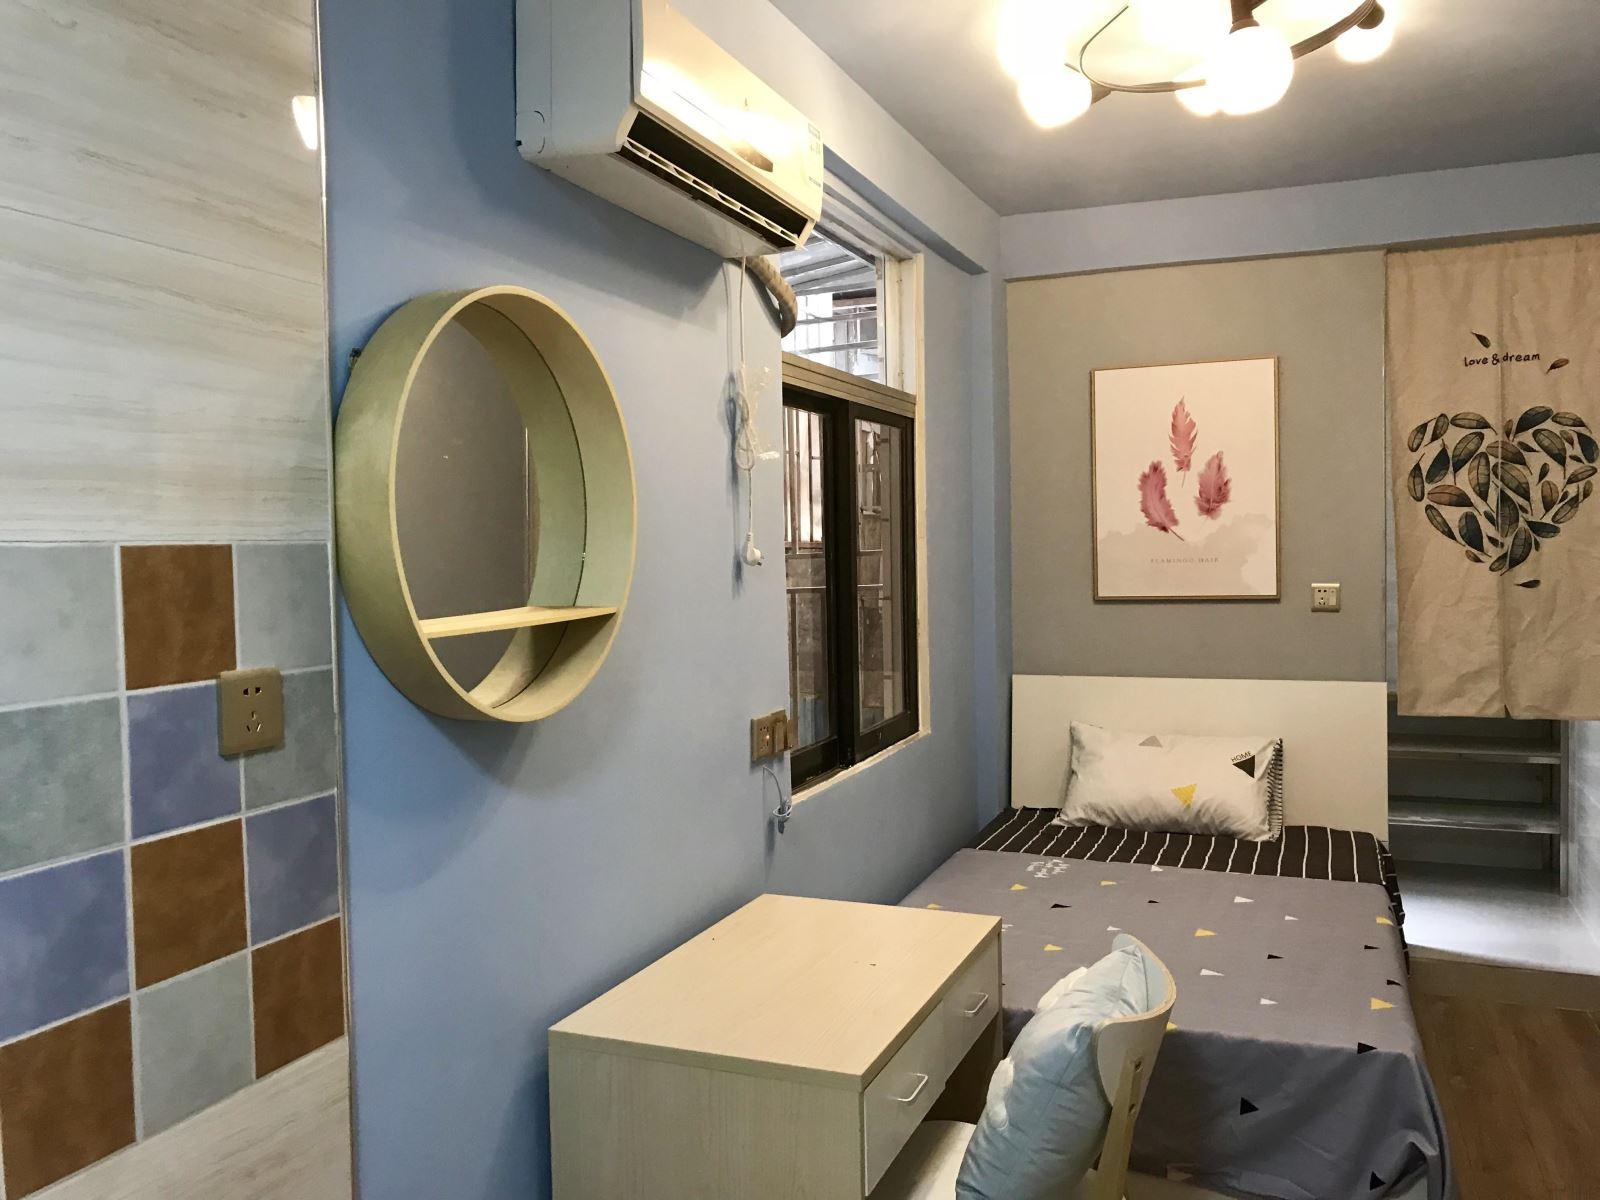 岗厦村 2680元 1室0厅1卫 豪华装修,超值,免费看岗厦村